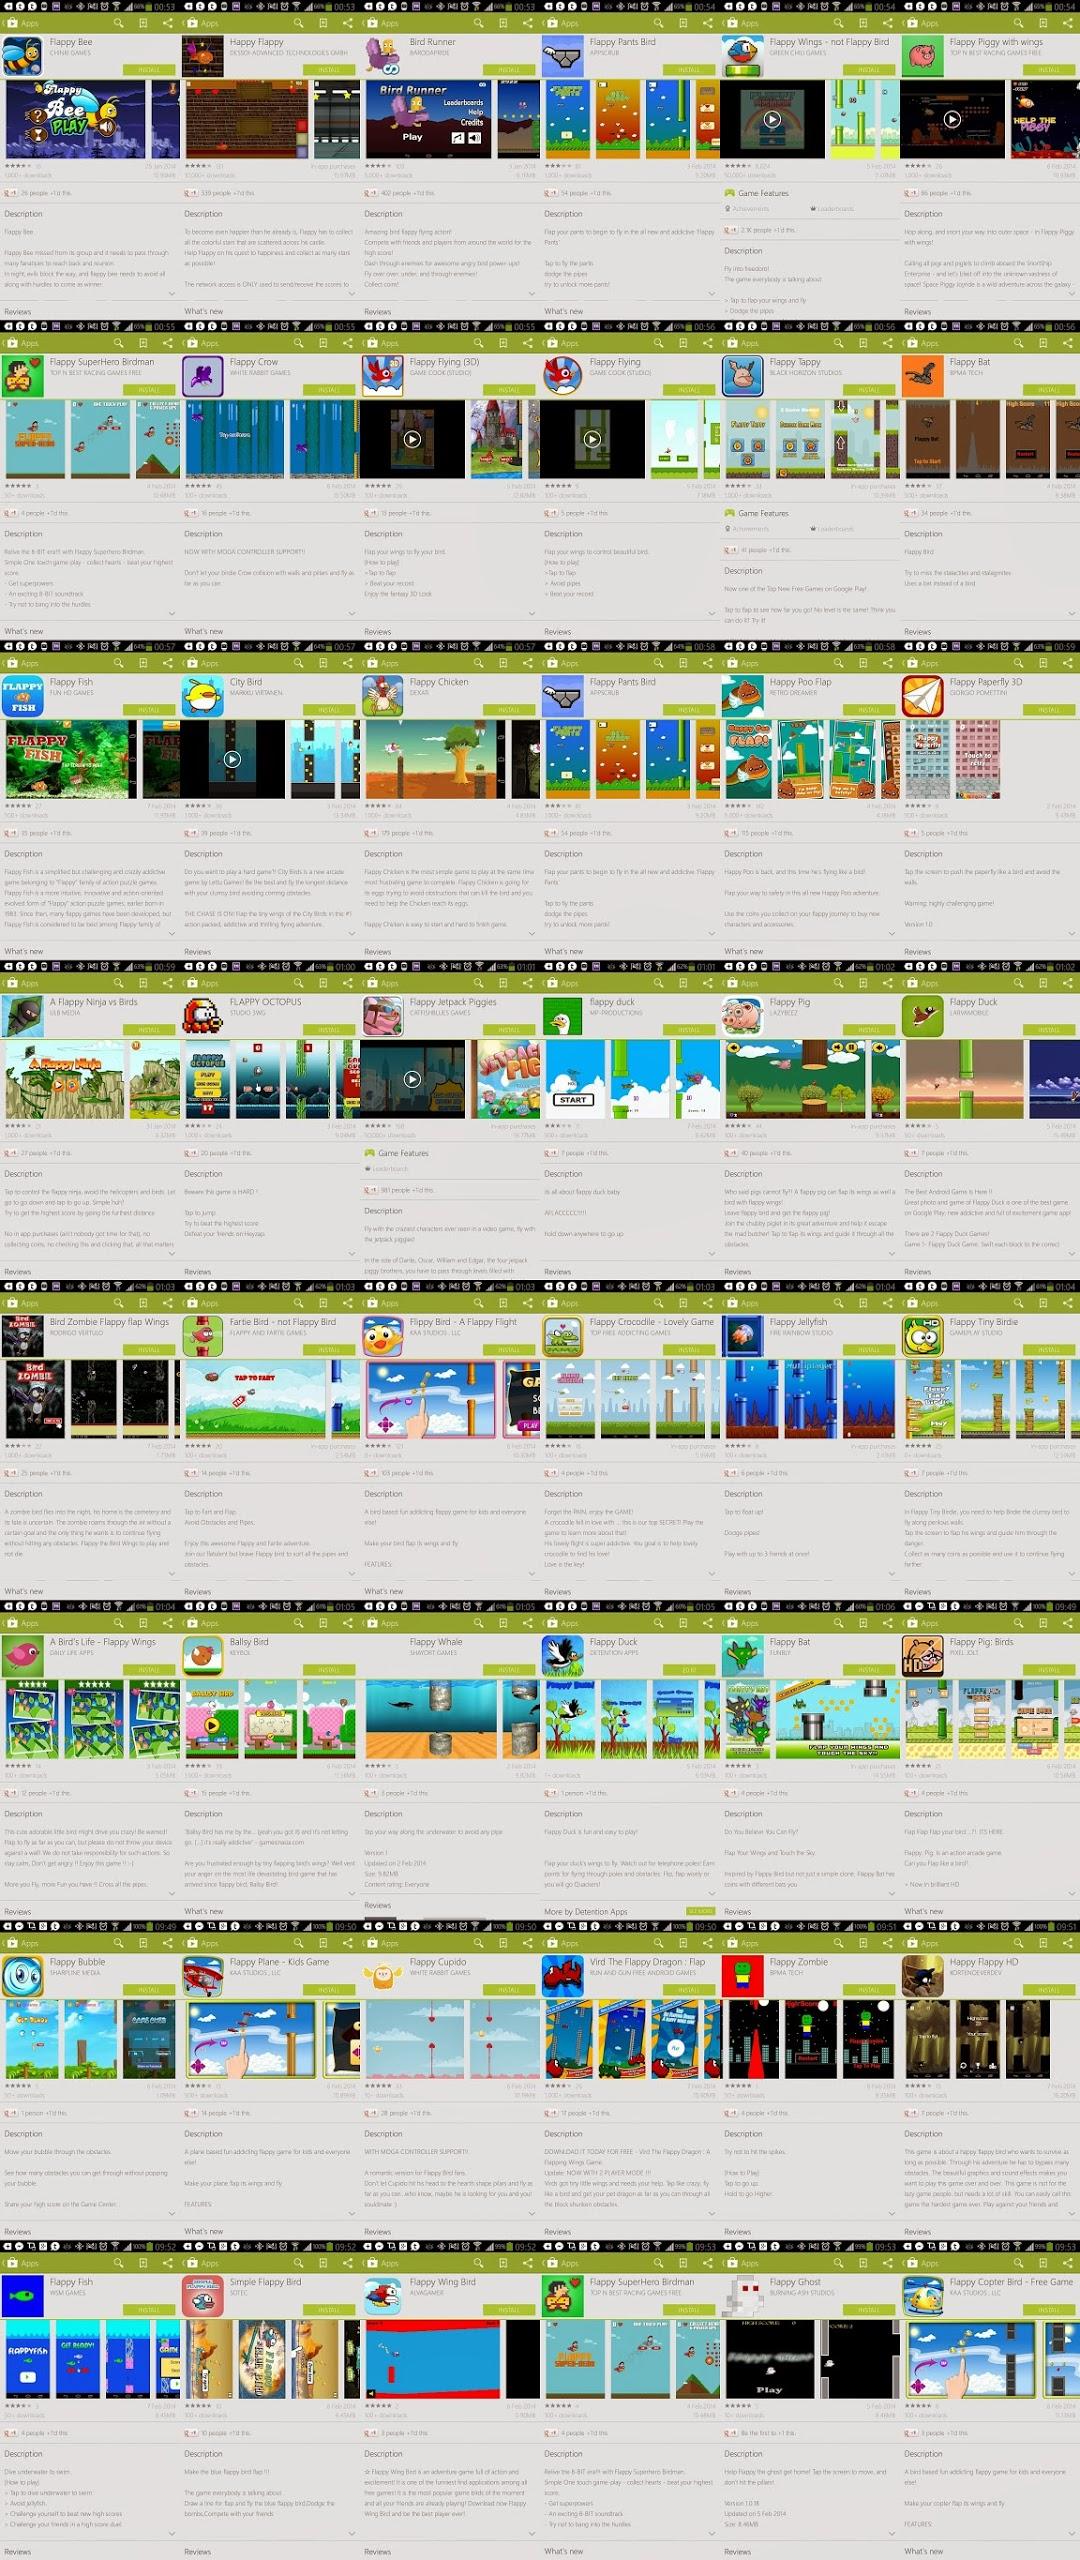 ohdeargod Flappy Bird some da Play Store, mas deixa dezenas de clones